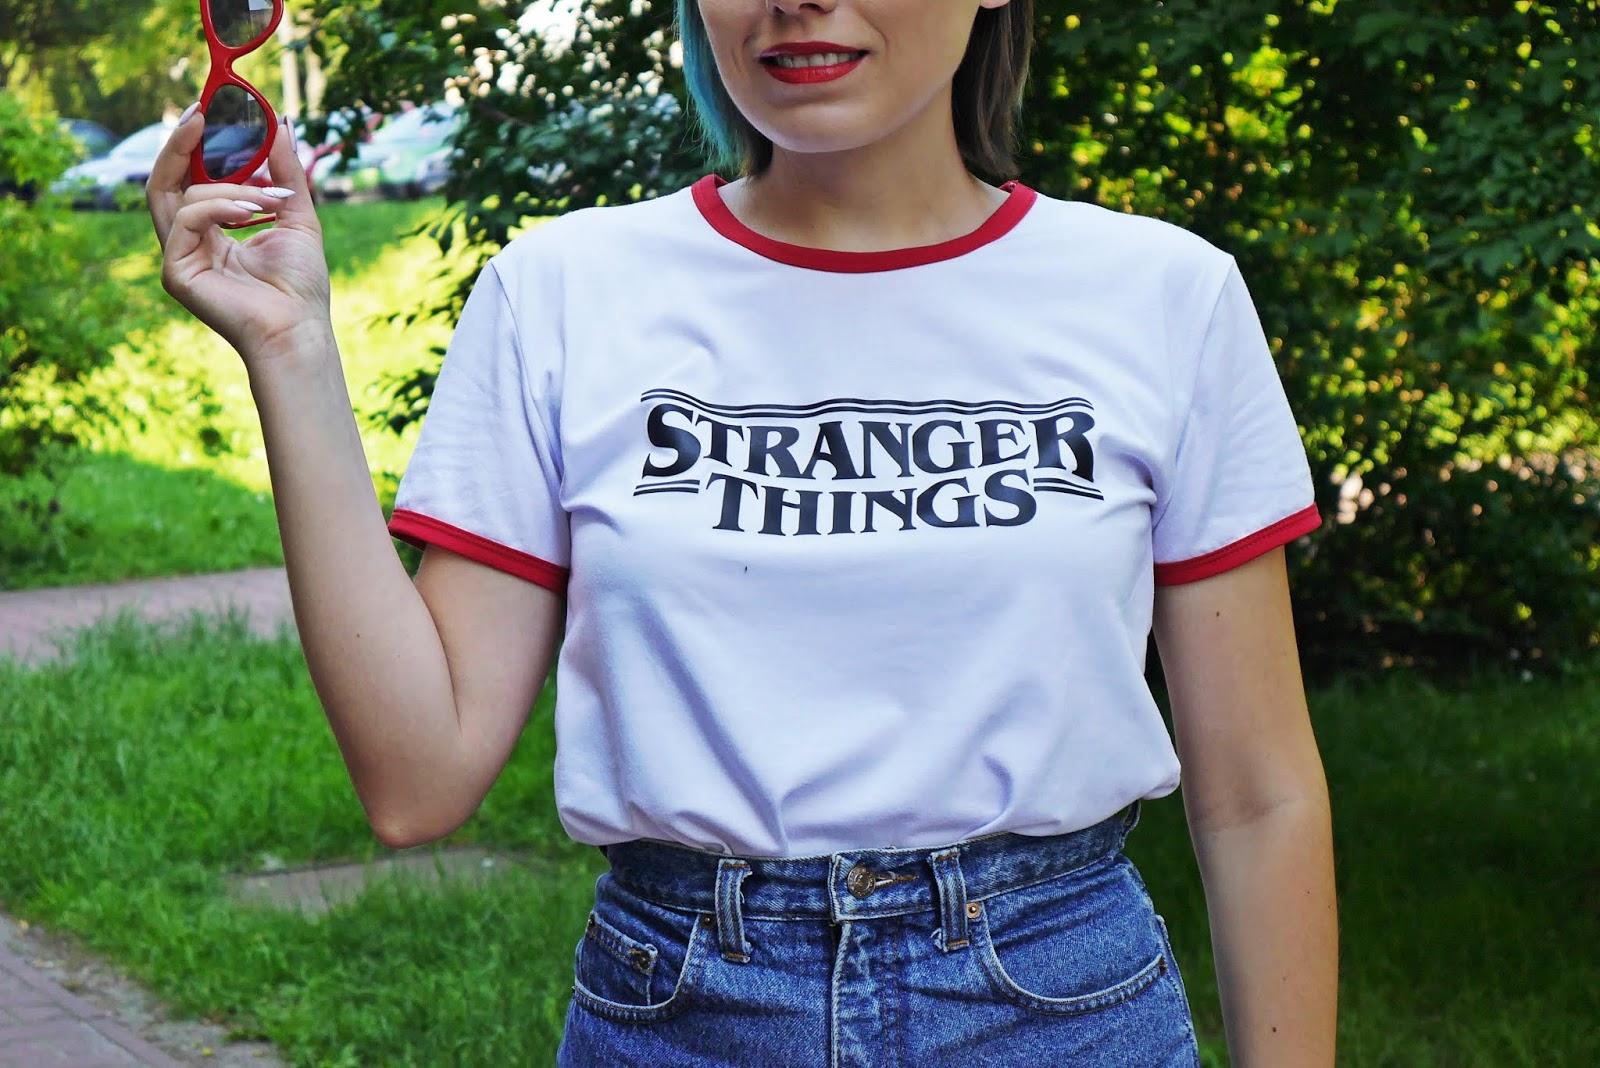 5_stranger_things_t-shirt_szorty_z-wysokim_stanem_czerwone_okulary_trojkaty_karyn_blog_modowy_040618